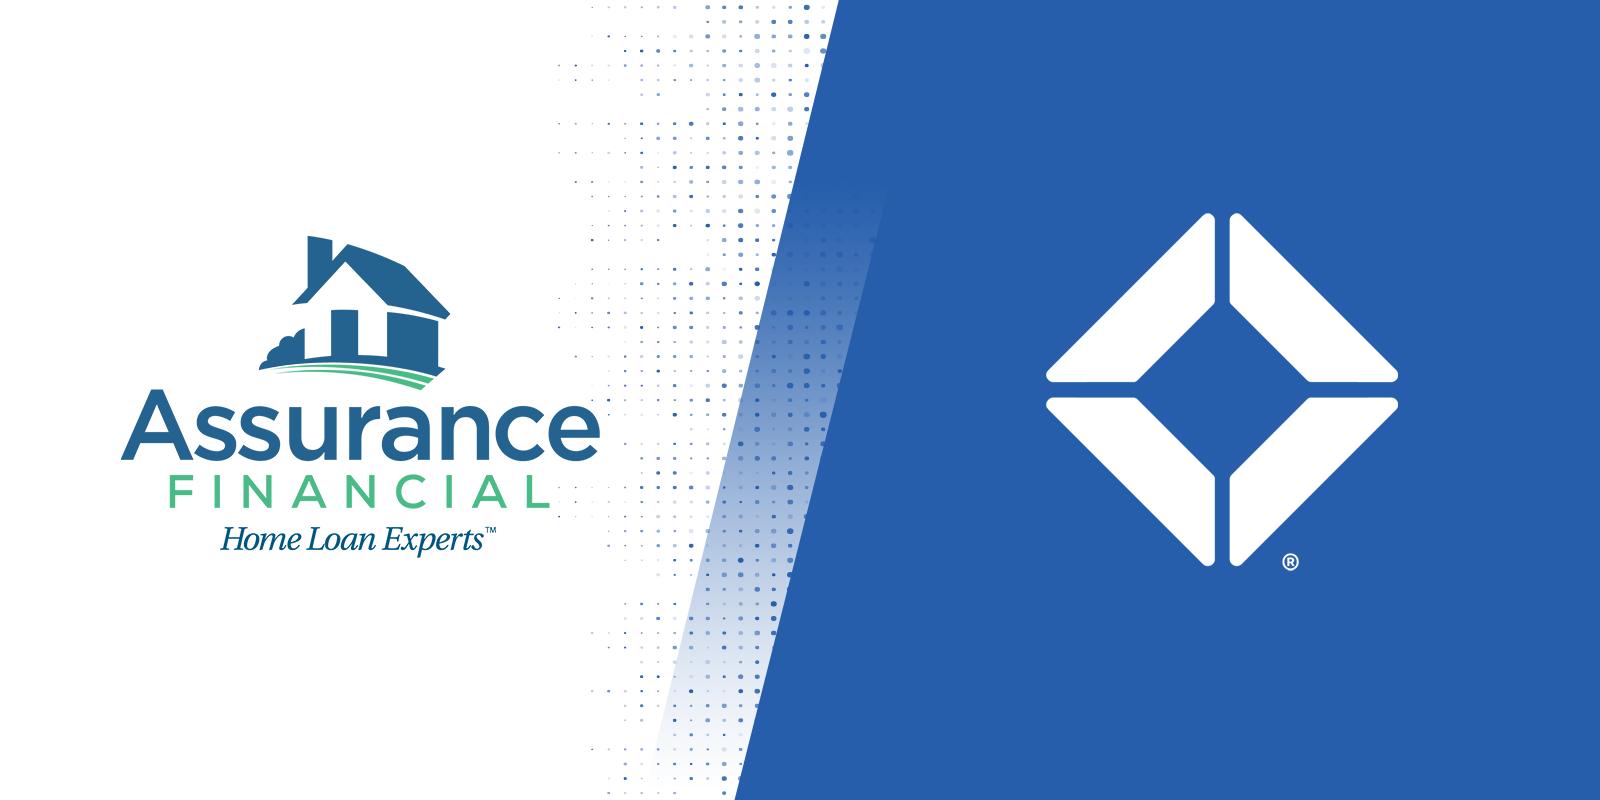 Assurance-Financial_Press-CTA_V2